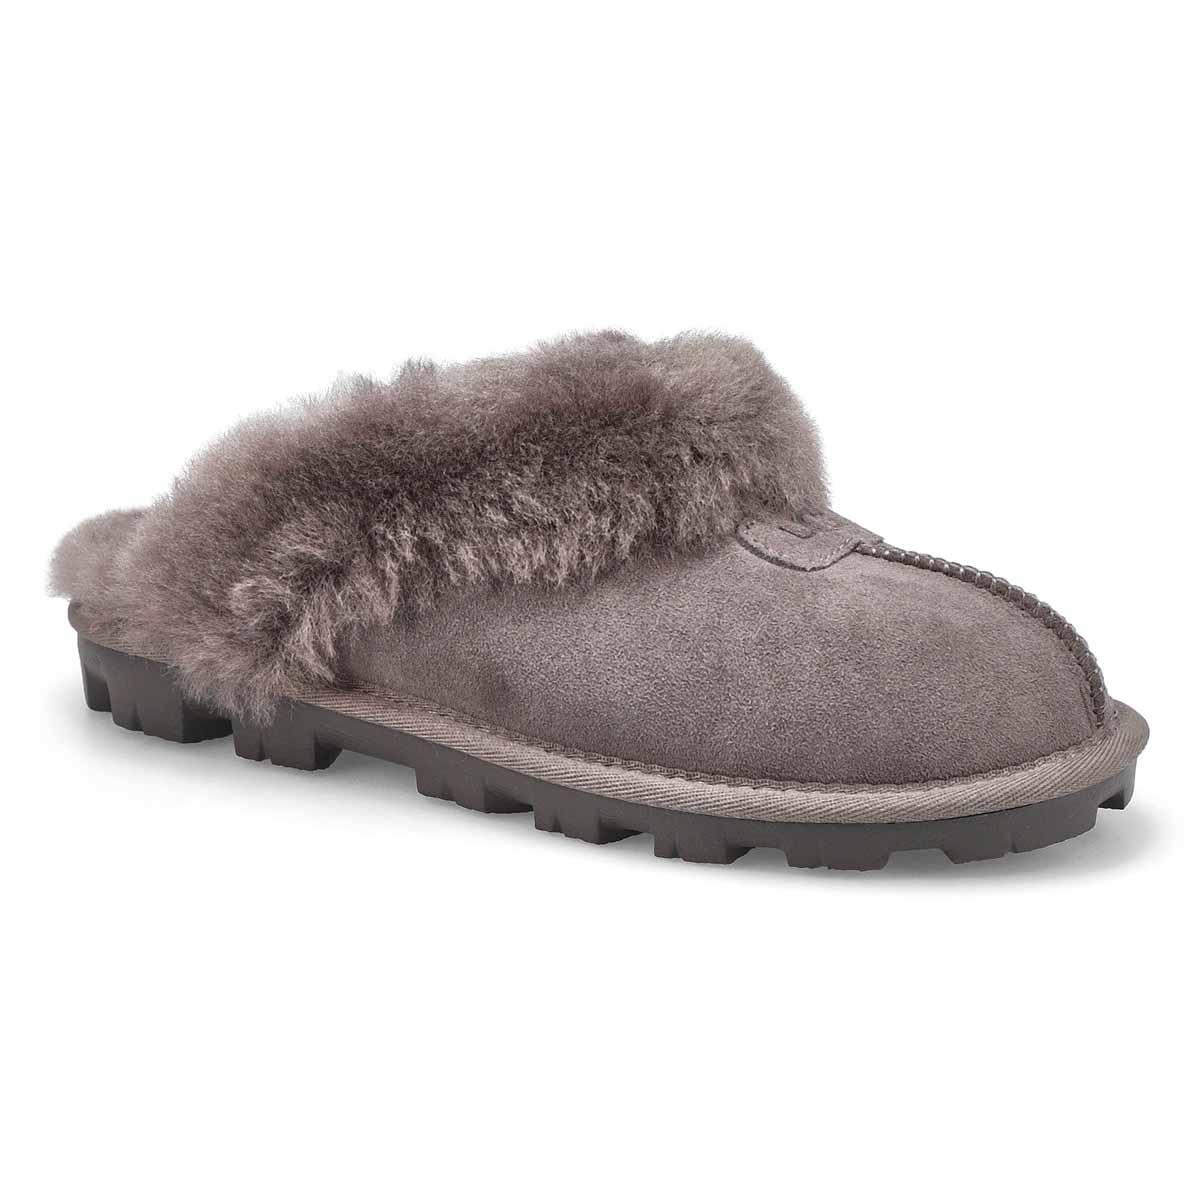 Women's COQUETTE grey sheepskin slippers